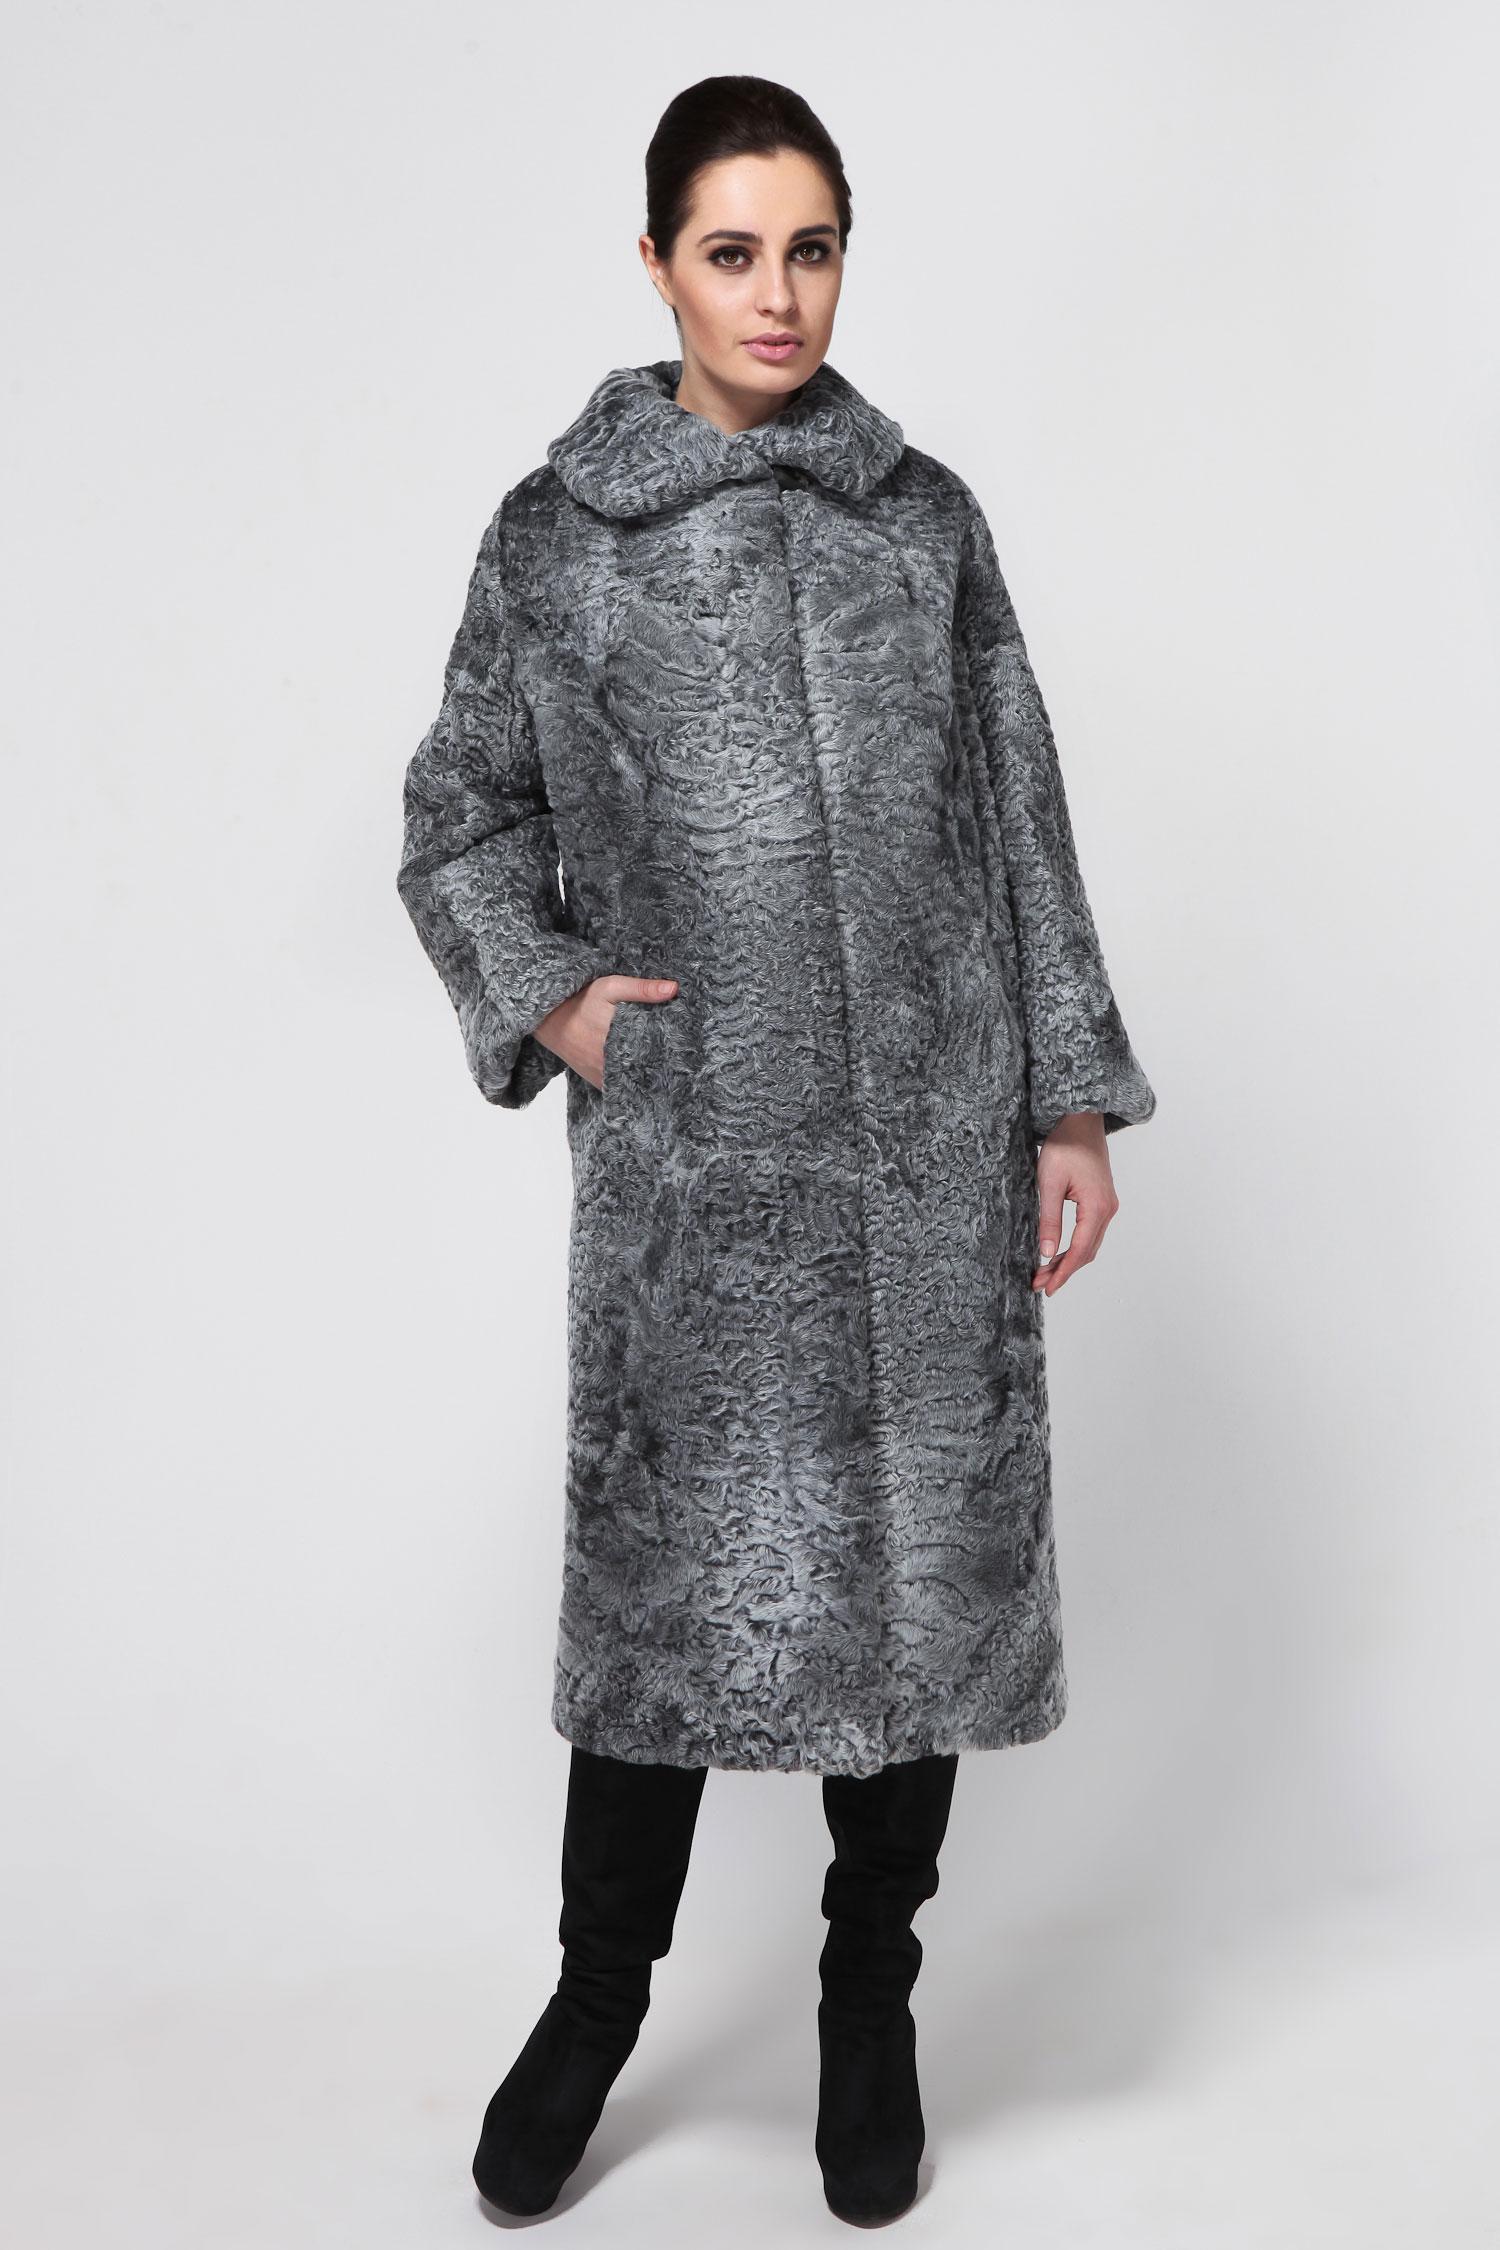 Шуба из каракуля с воротником, без отделкиСтильное пальто из высокачественного афганского каракуля. Пальто из аукционного меха и очень лёгкое на вес. Изделие имеет прямой свободный крой, что делает модель весьма комфортной.<br><br>Такая шубка прекрасно будет смотреться и с праздничным нарядом, и с повседневным гардеробом.<br><br>Воротник: Обычный<br>Длина см: 115<br>Цвет: Серый<br>Пол: Женский